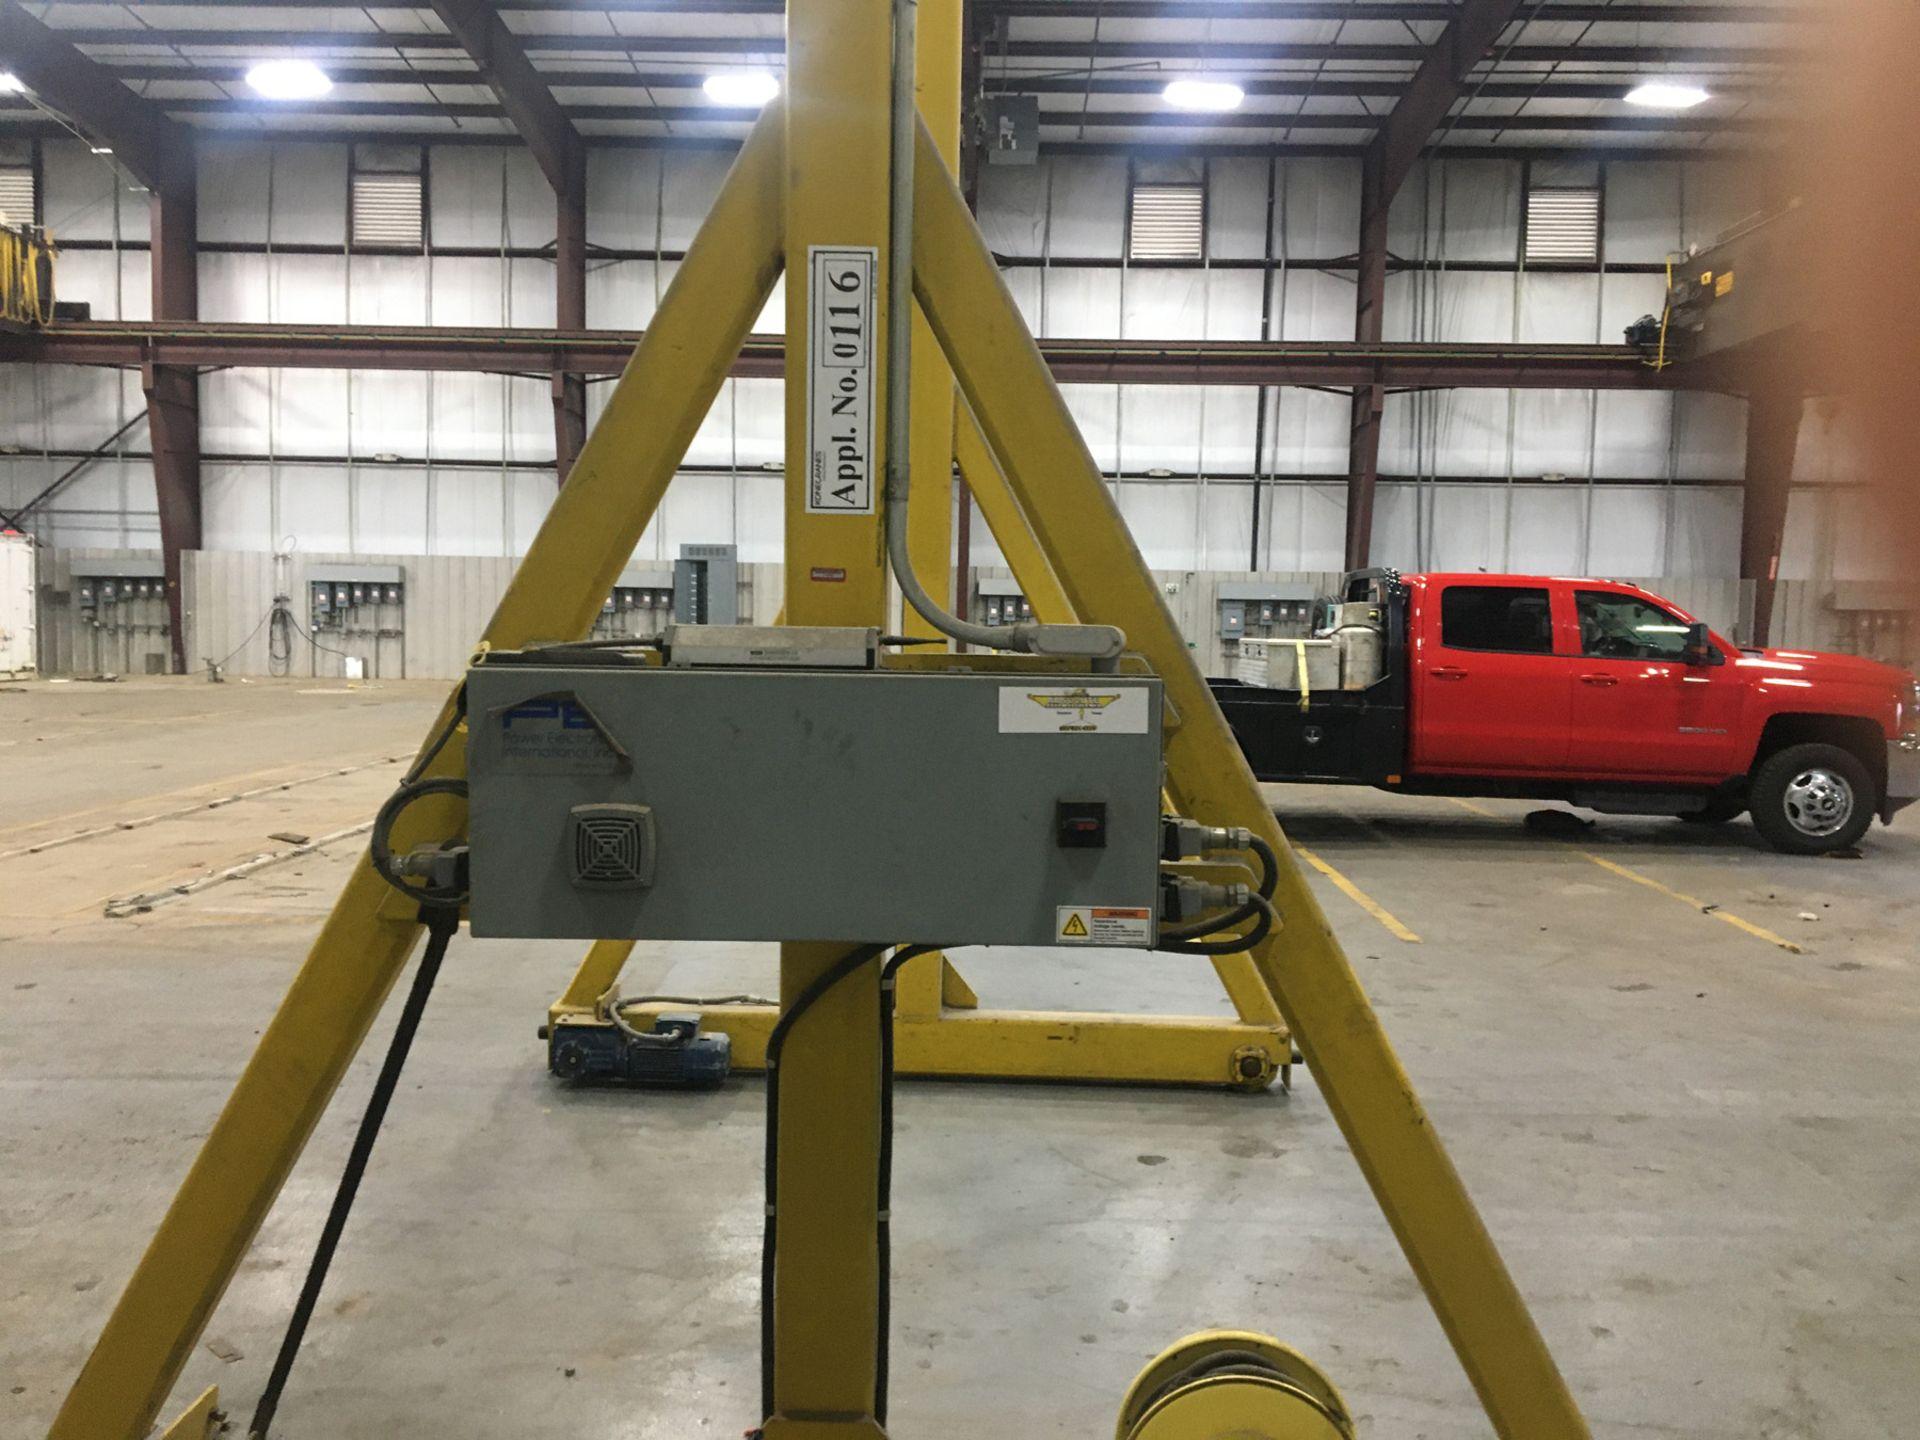 A Frame Crane - Image 5 of 5